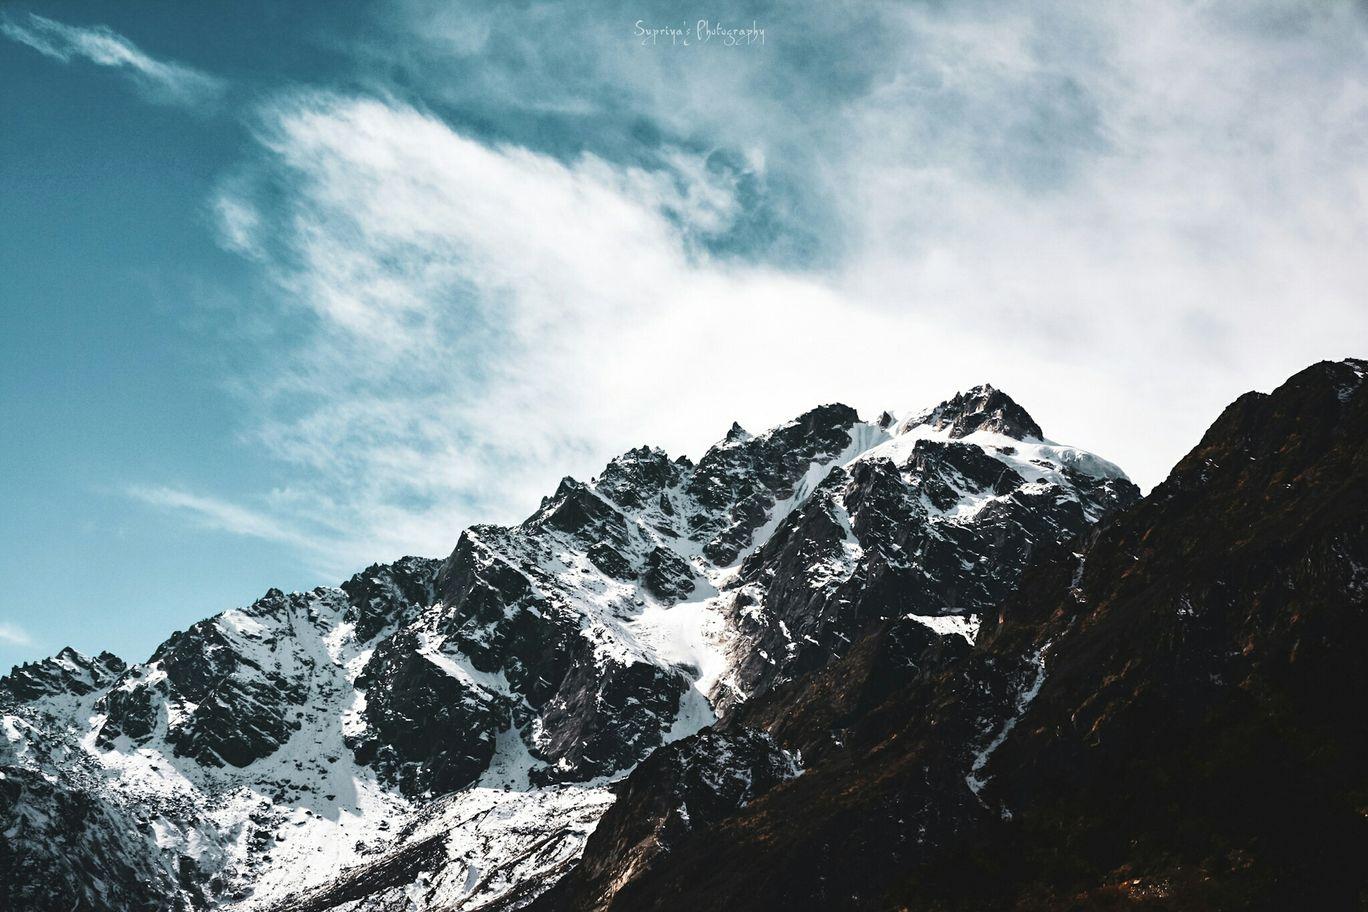 Photo of Zero Point Yumthang Valley By Supriya Samanta